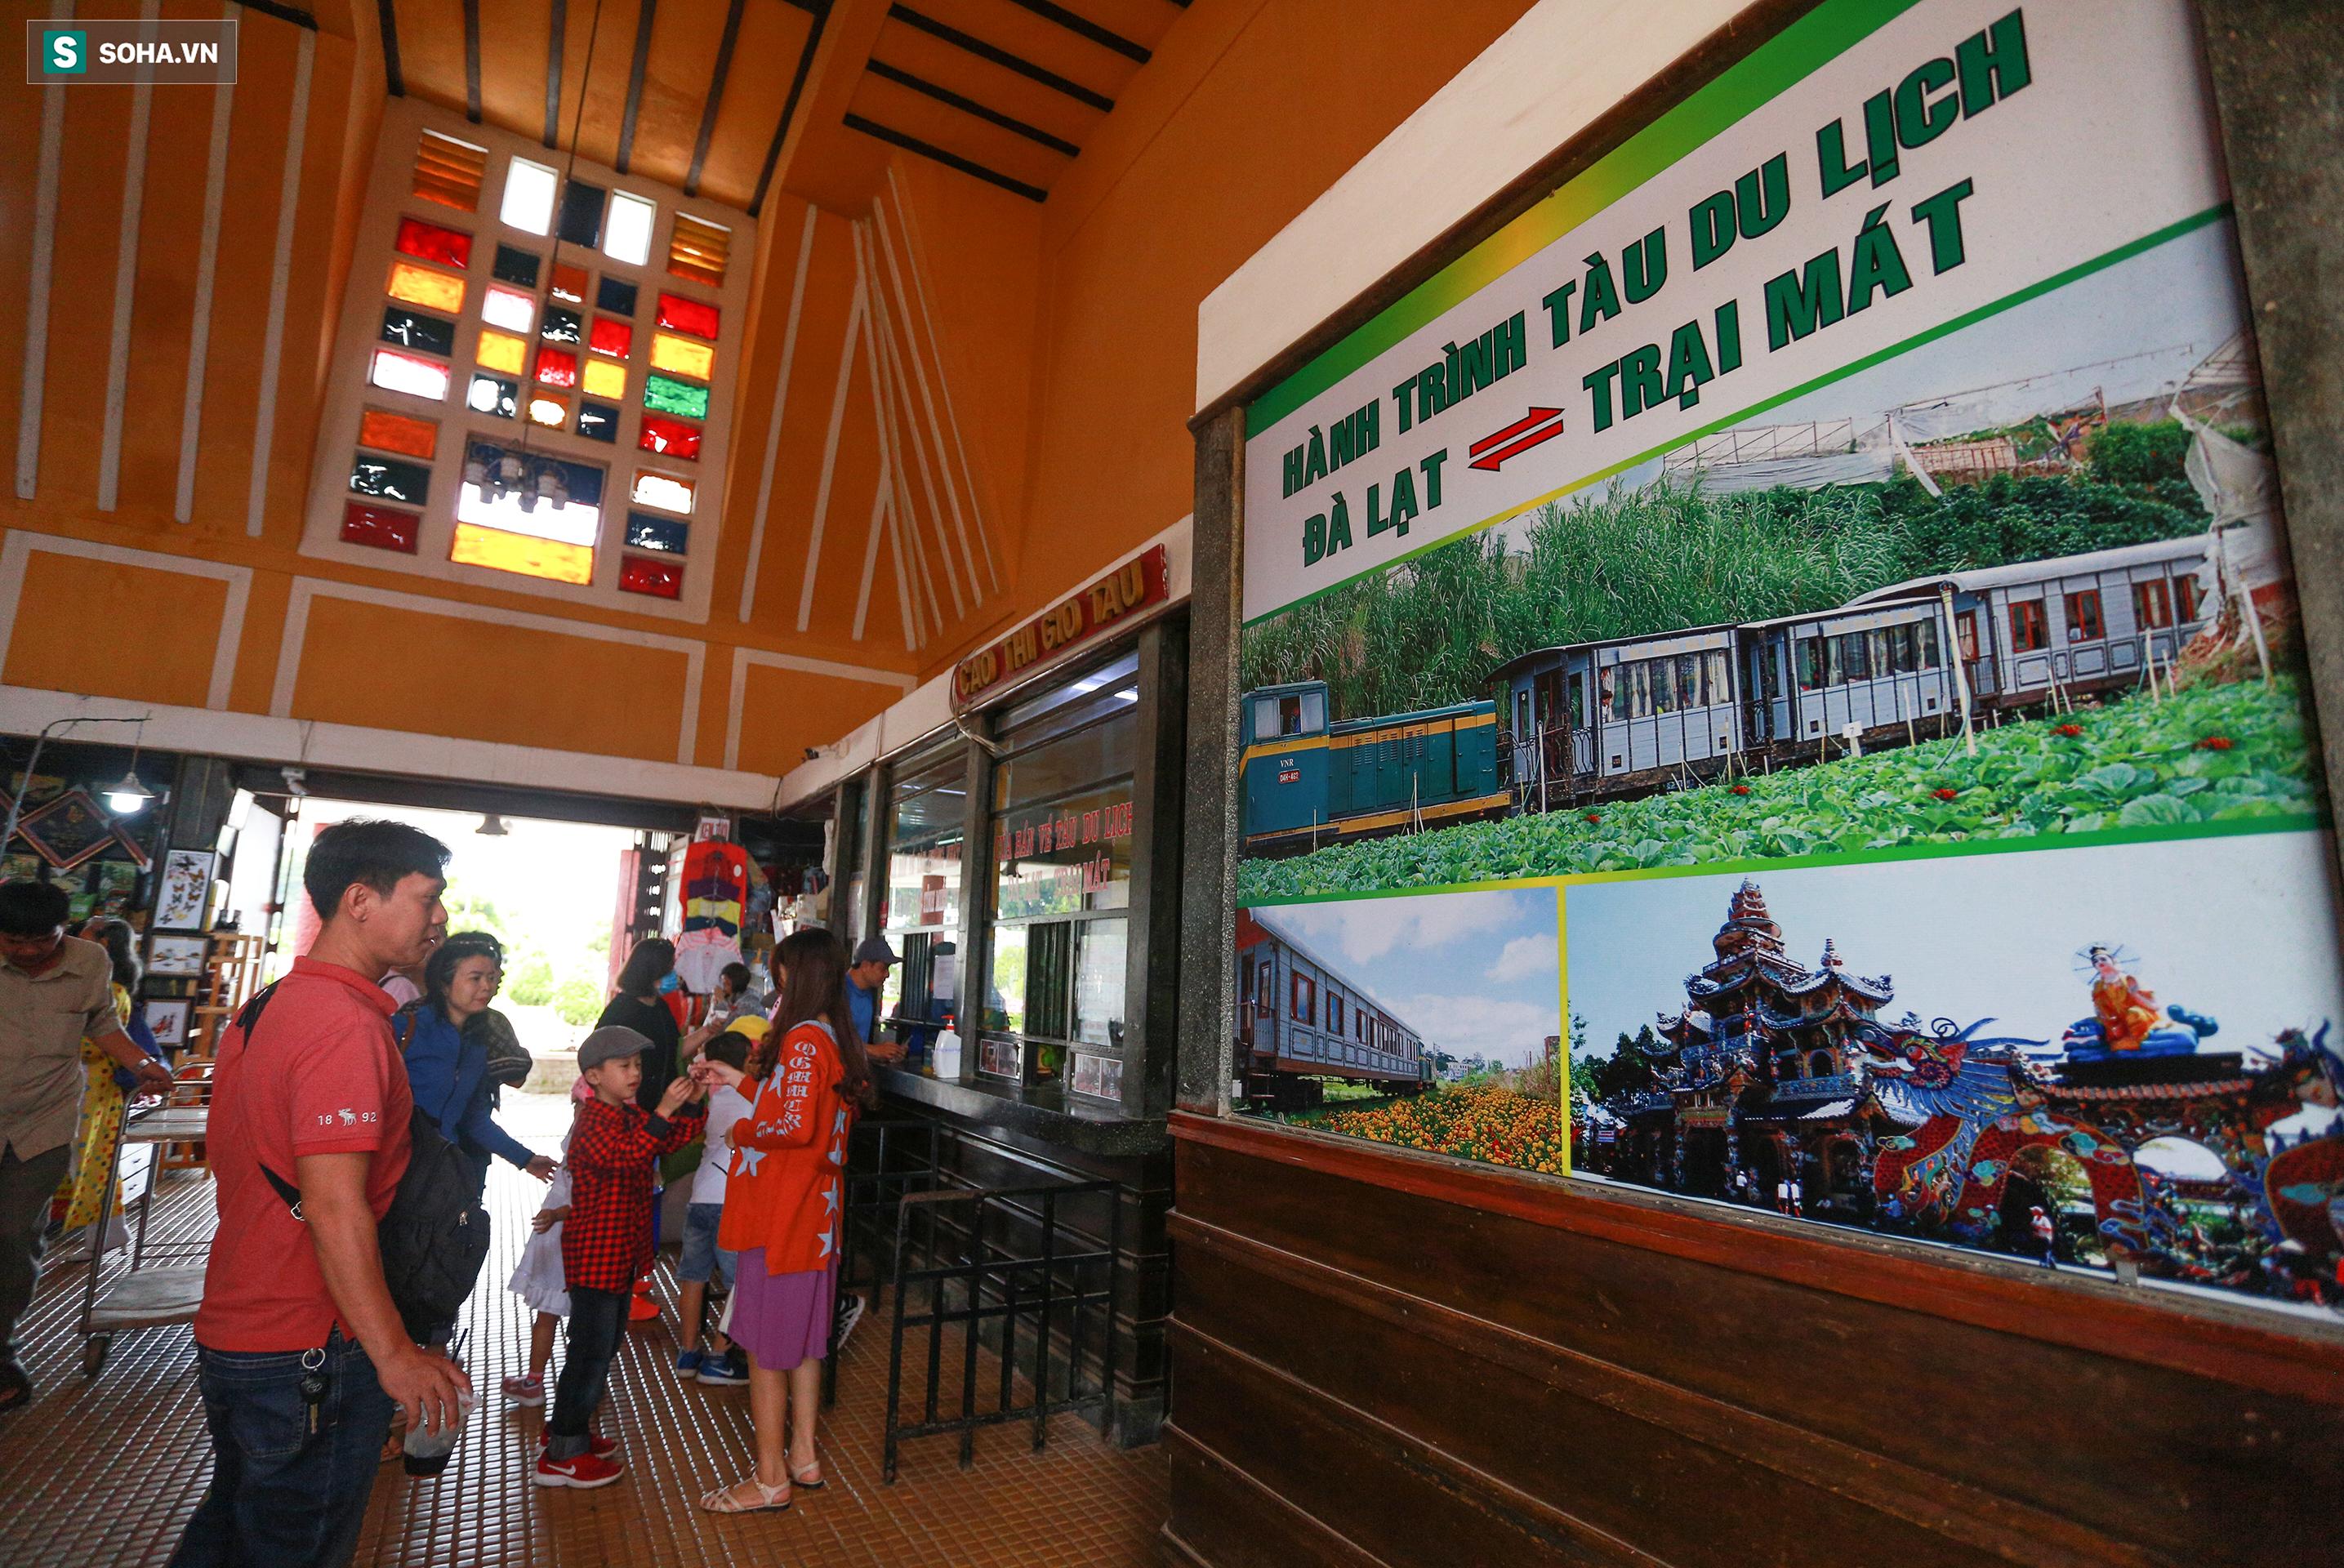 Vẻ đẹp cổ kính của ga tàu hoả gần 100 tuổi ở Đà Lạt nhìn từ trên cao - Ảnh 13.